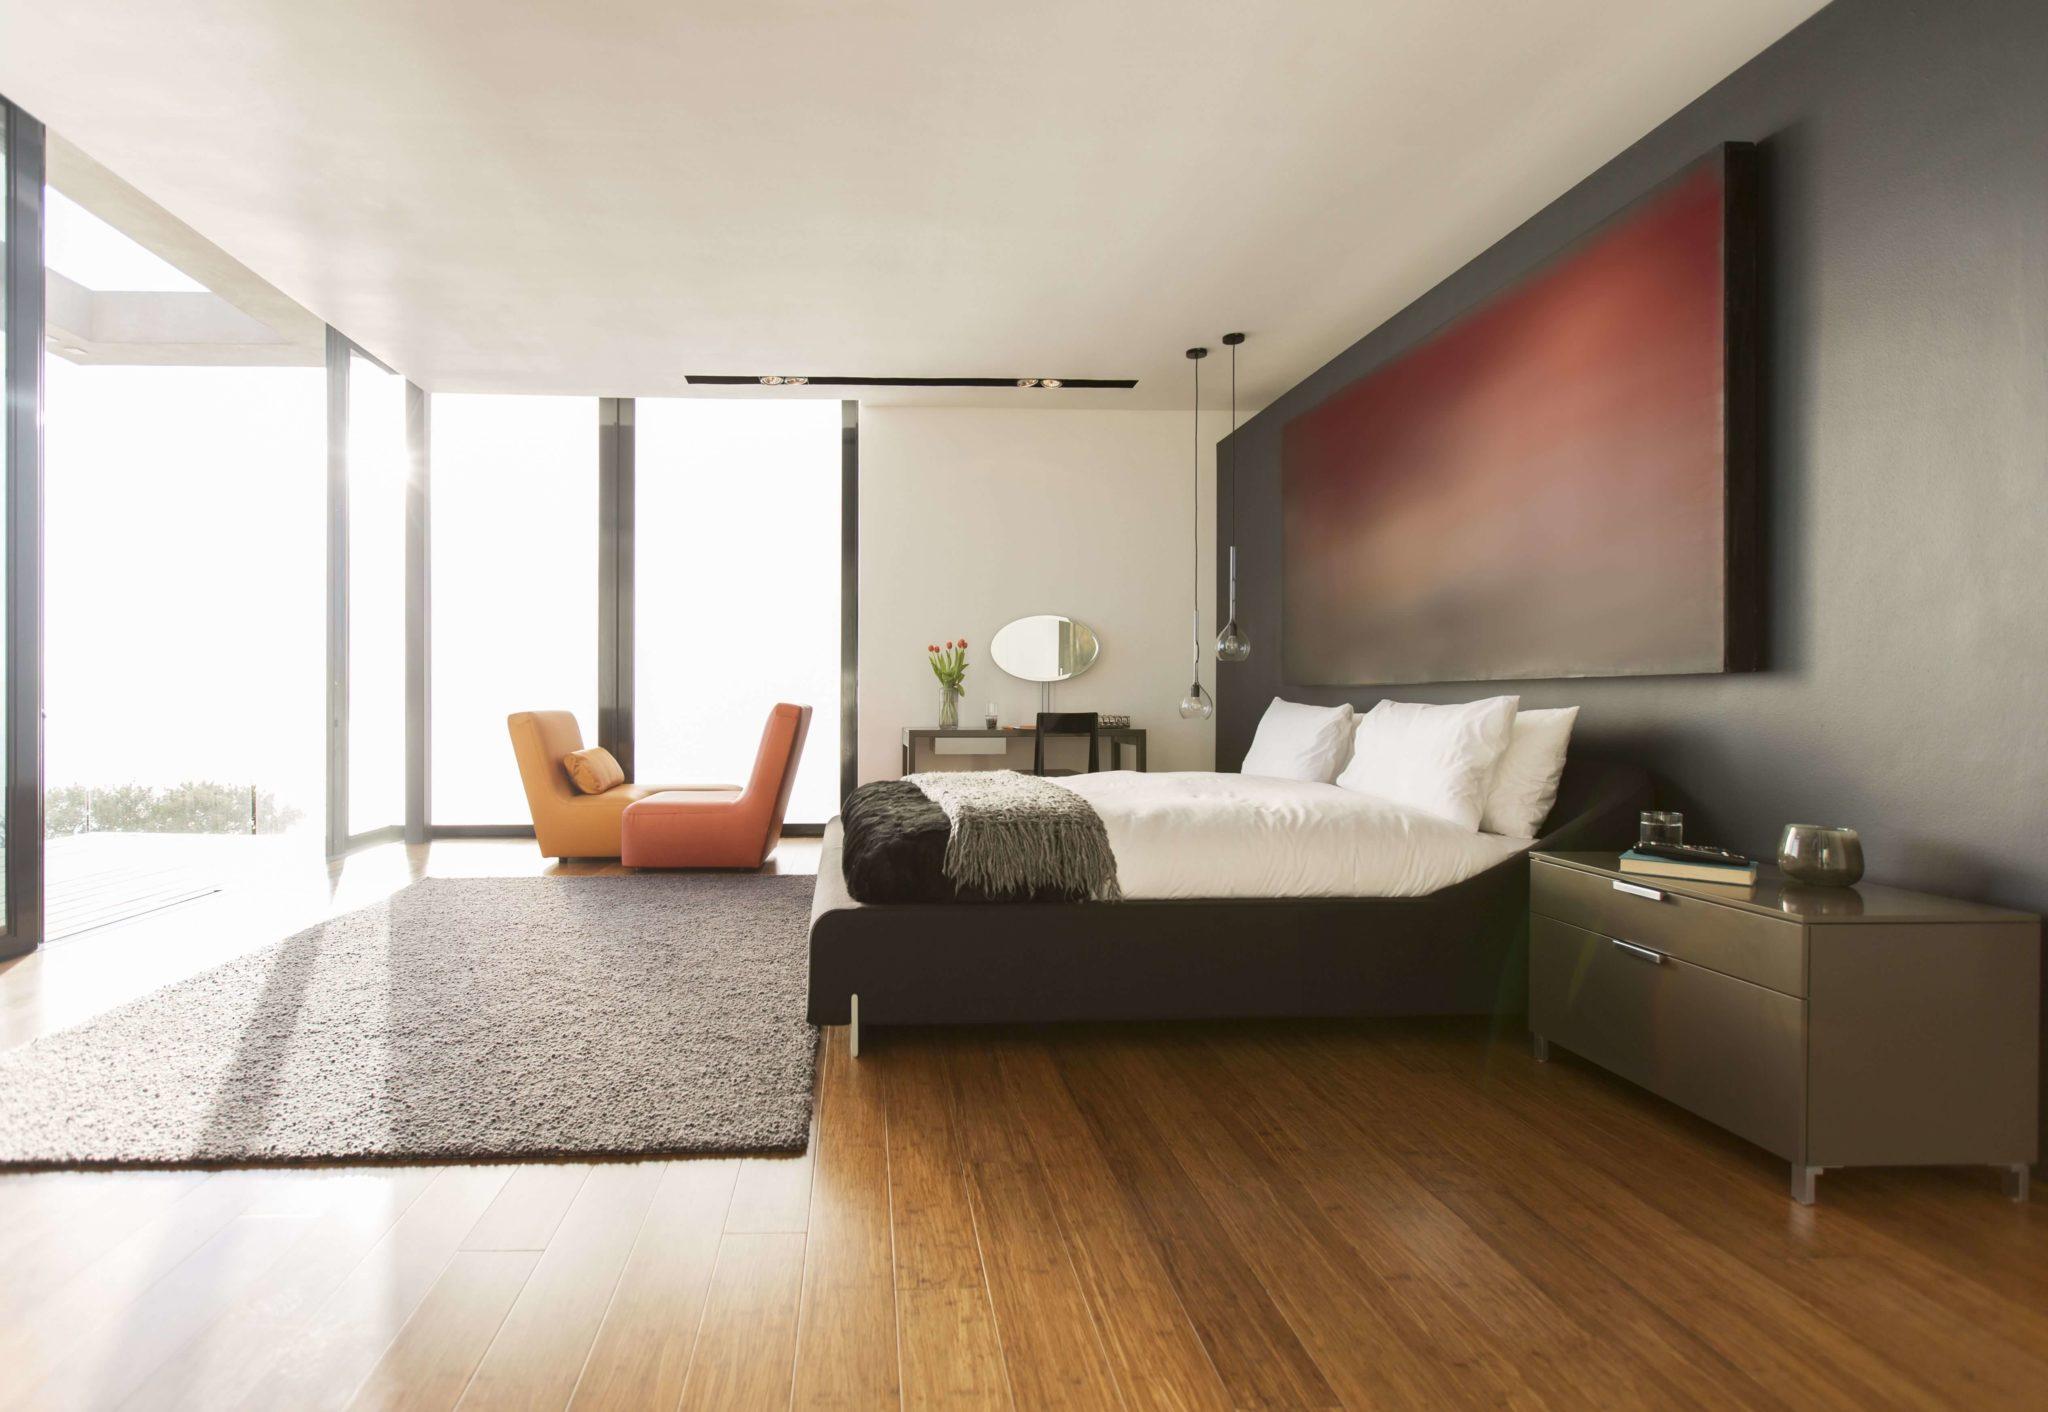 прямой потолок из гкл в спальной комнате